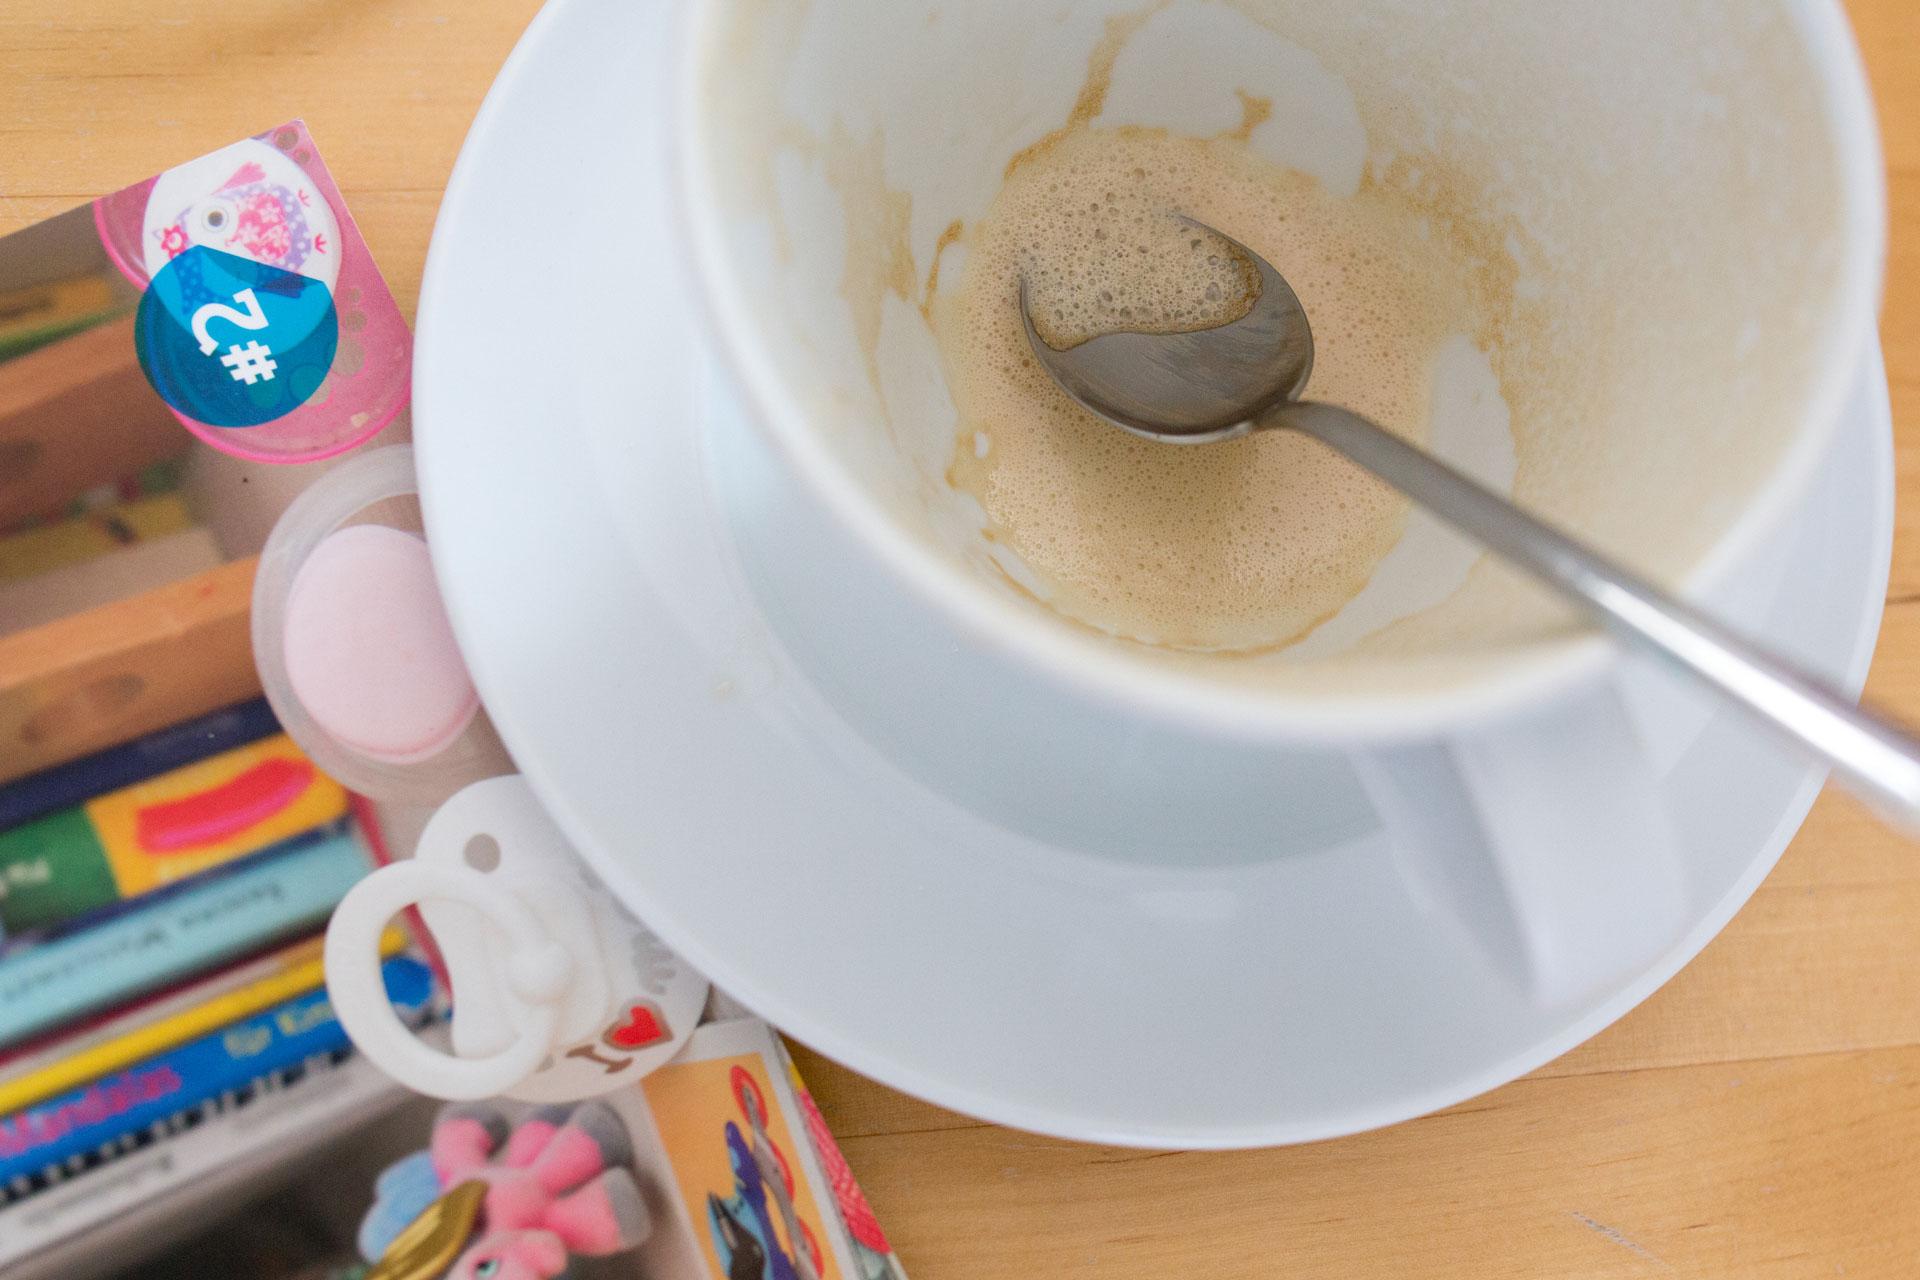 Leere Kaffeetasse, daneben liegen Schnuller und eine Broschüre